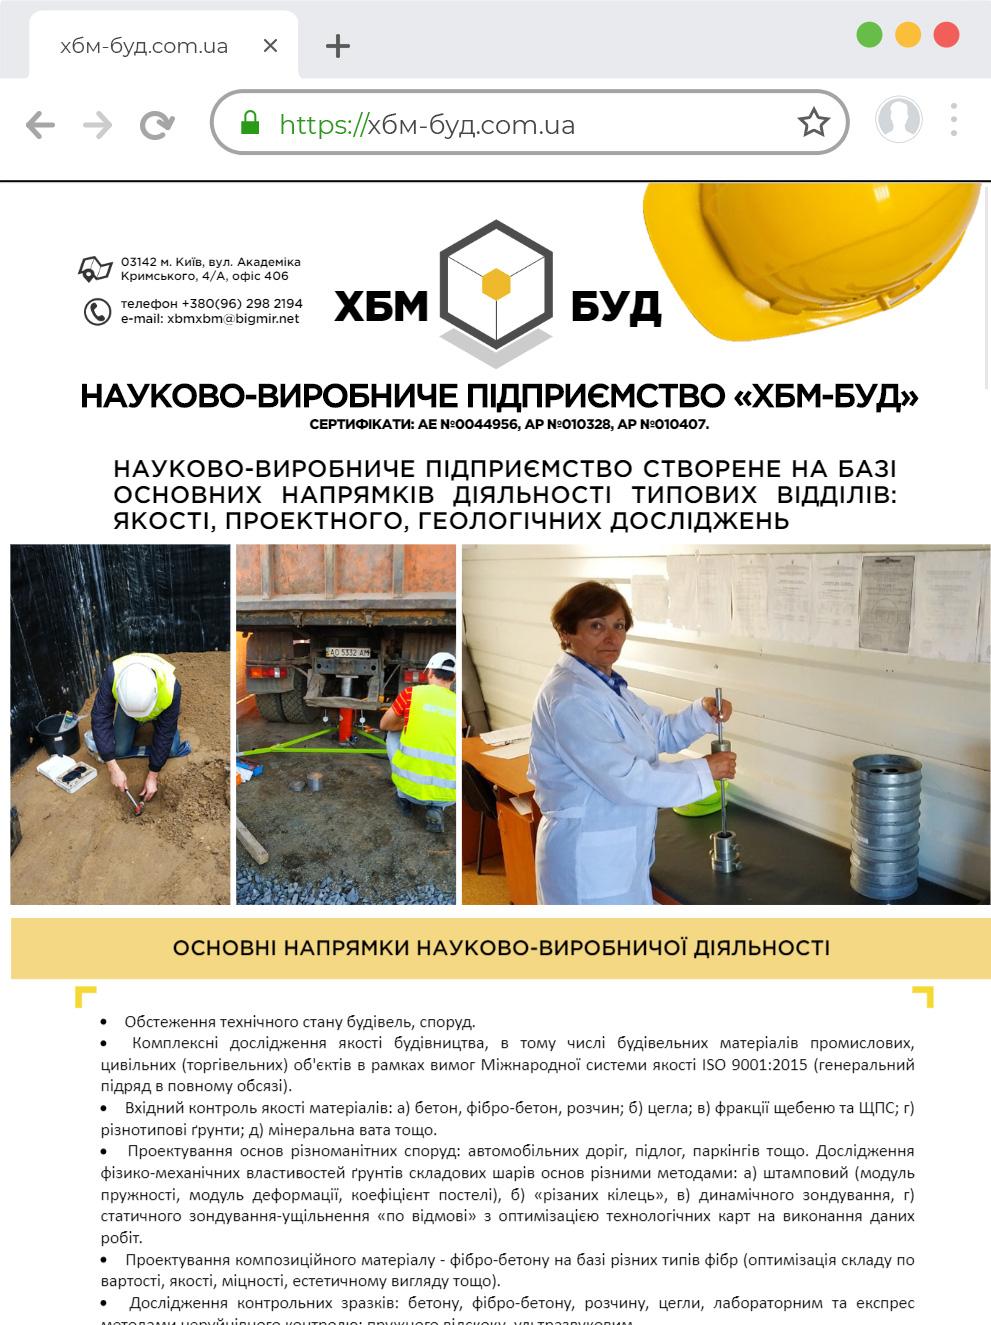 Сайт для научно-производственное предприятие «ХБМ-БУД»